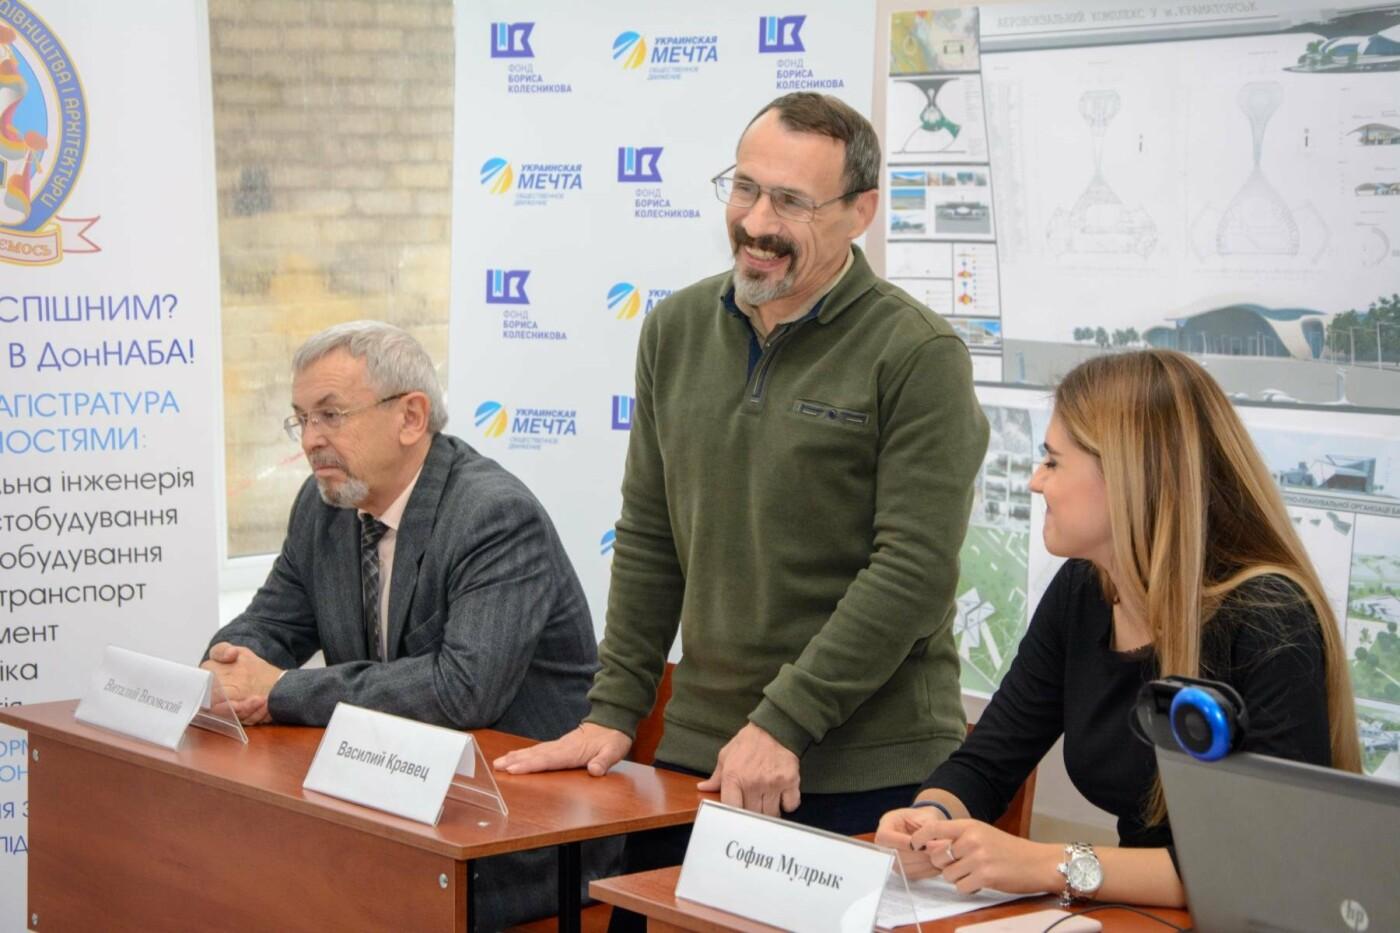 Открыт престижный конкурс «Архитектор 2018» для талантливых украинских студентов, фото-6